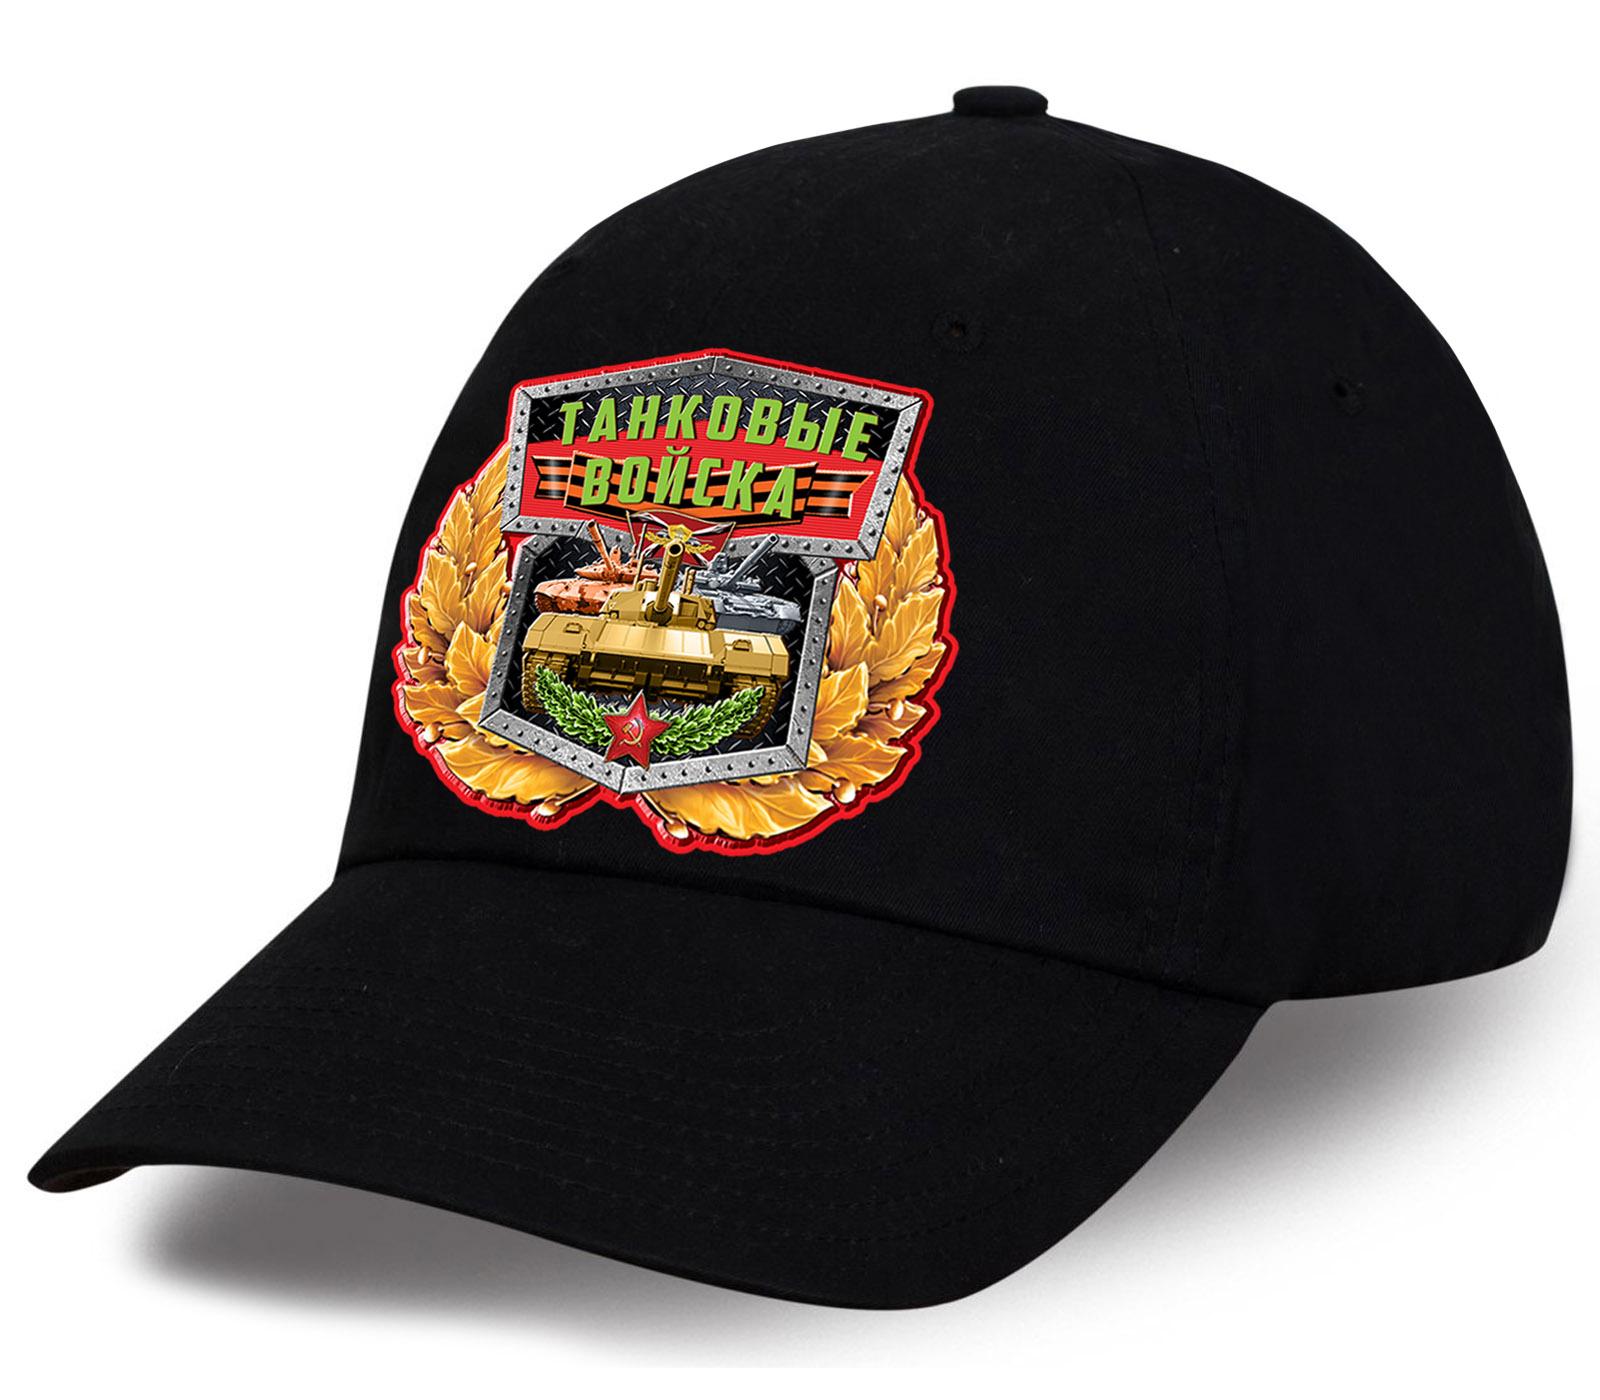 """Эксклюзив от Военпро! Черная кепка """"Танковые войска"""". Современный дизайн, удобная форма. Выбирай лучшее!"""